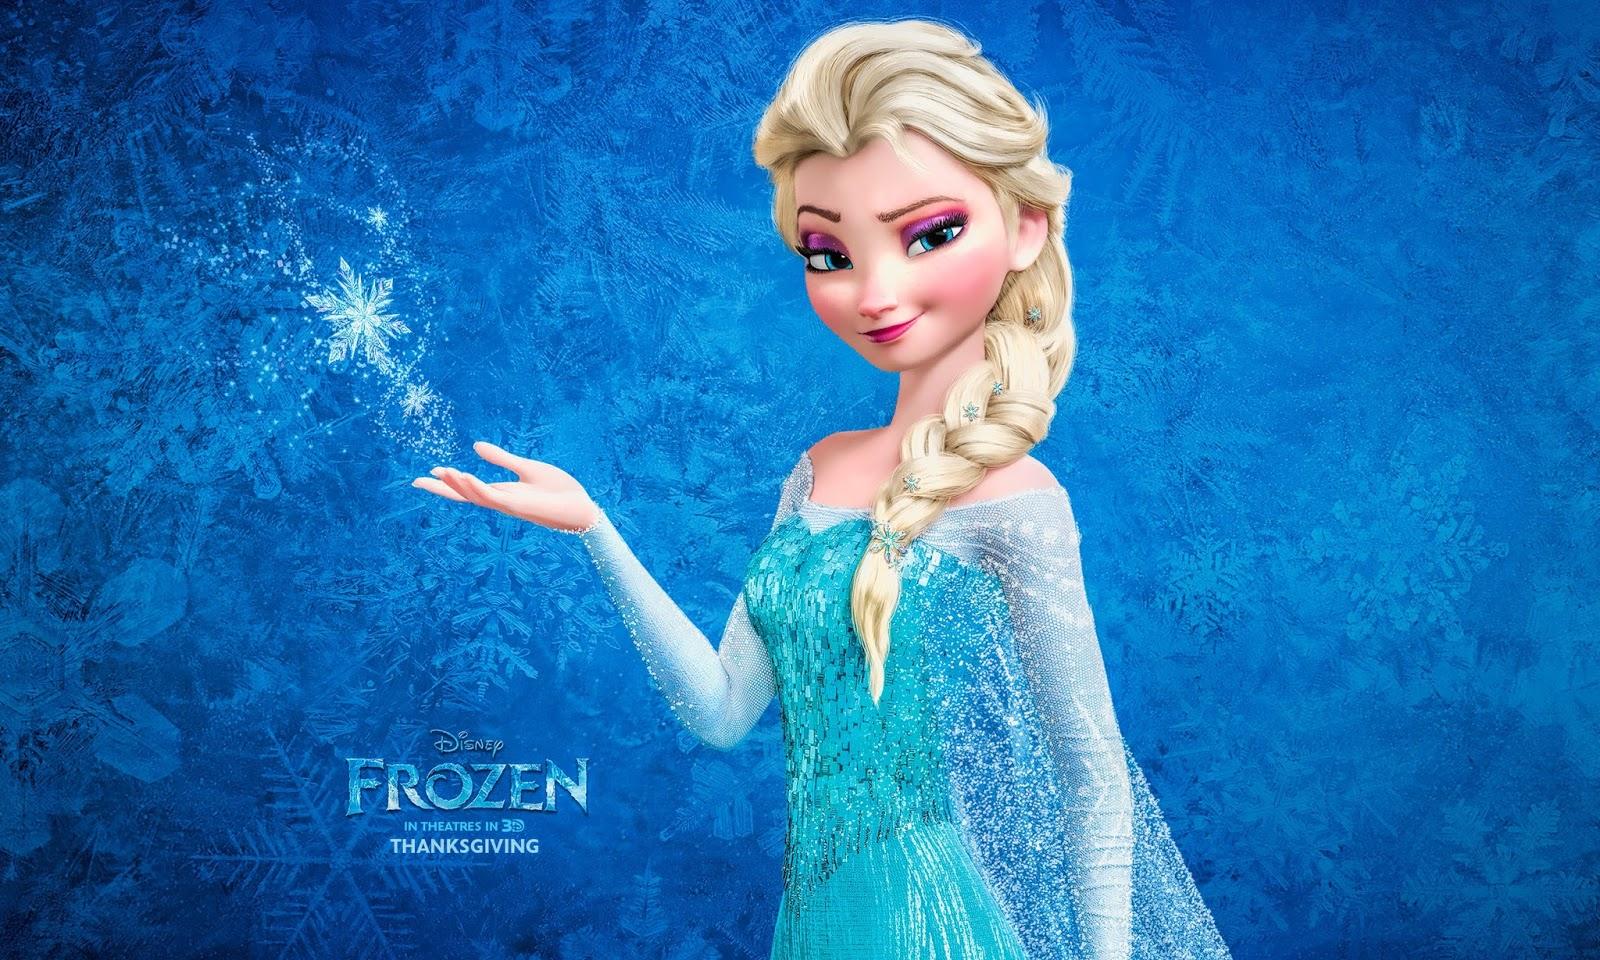 frozen wallpaper for free,doll,blue,barbie,blond,sky